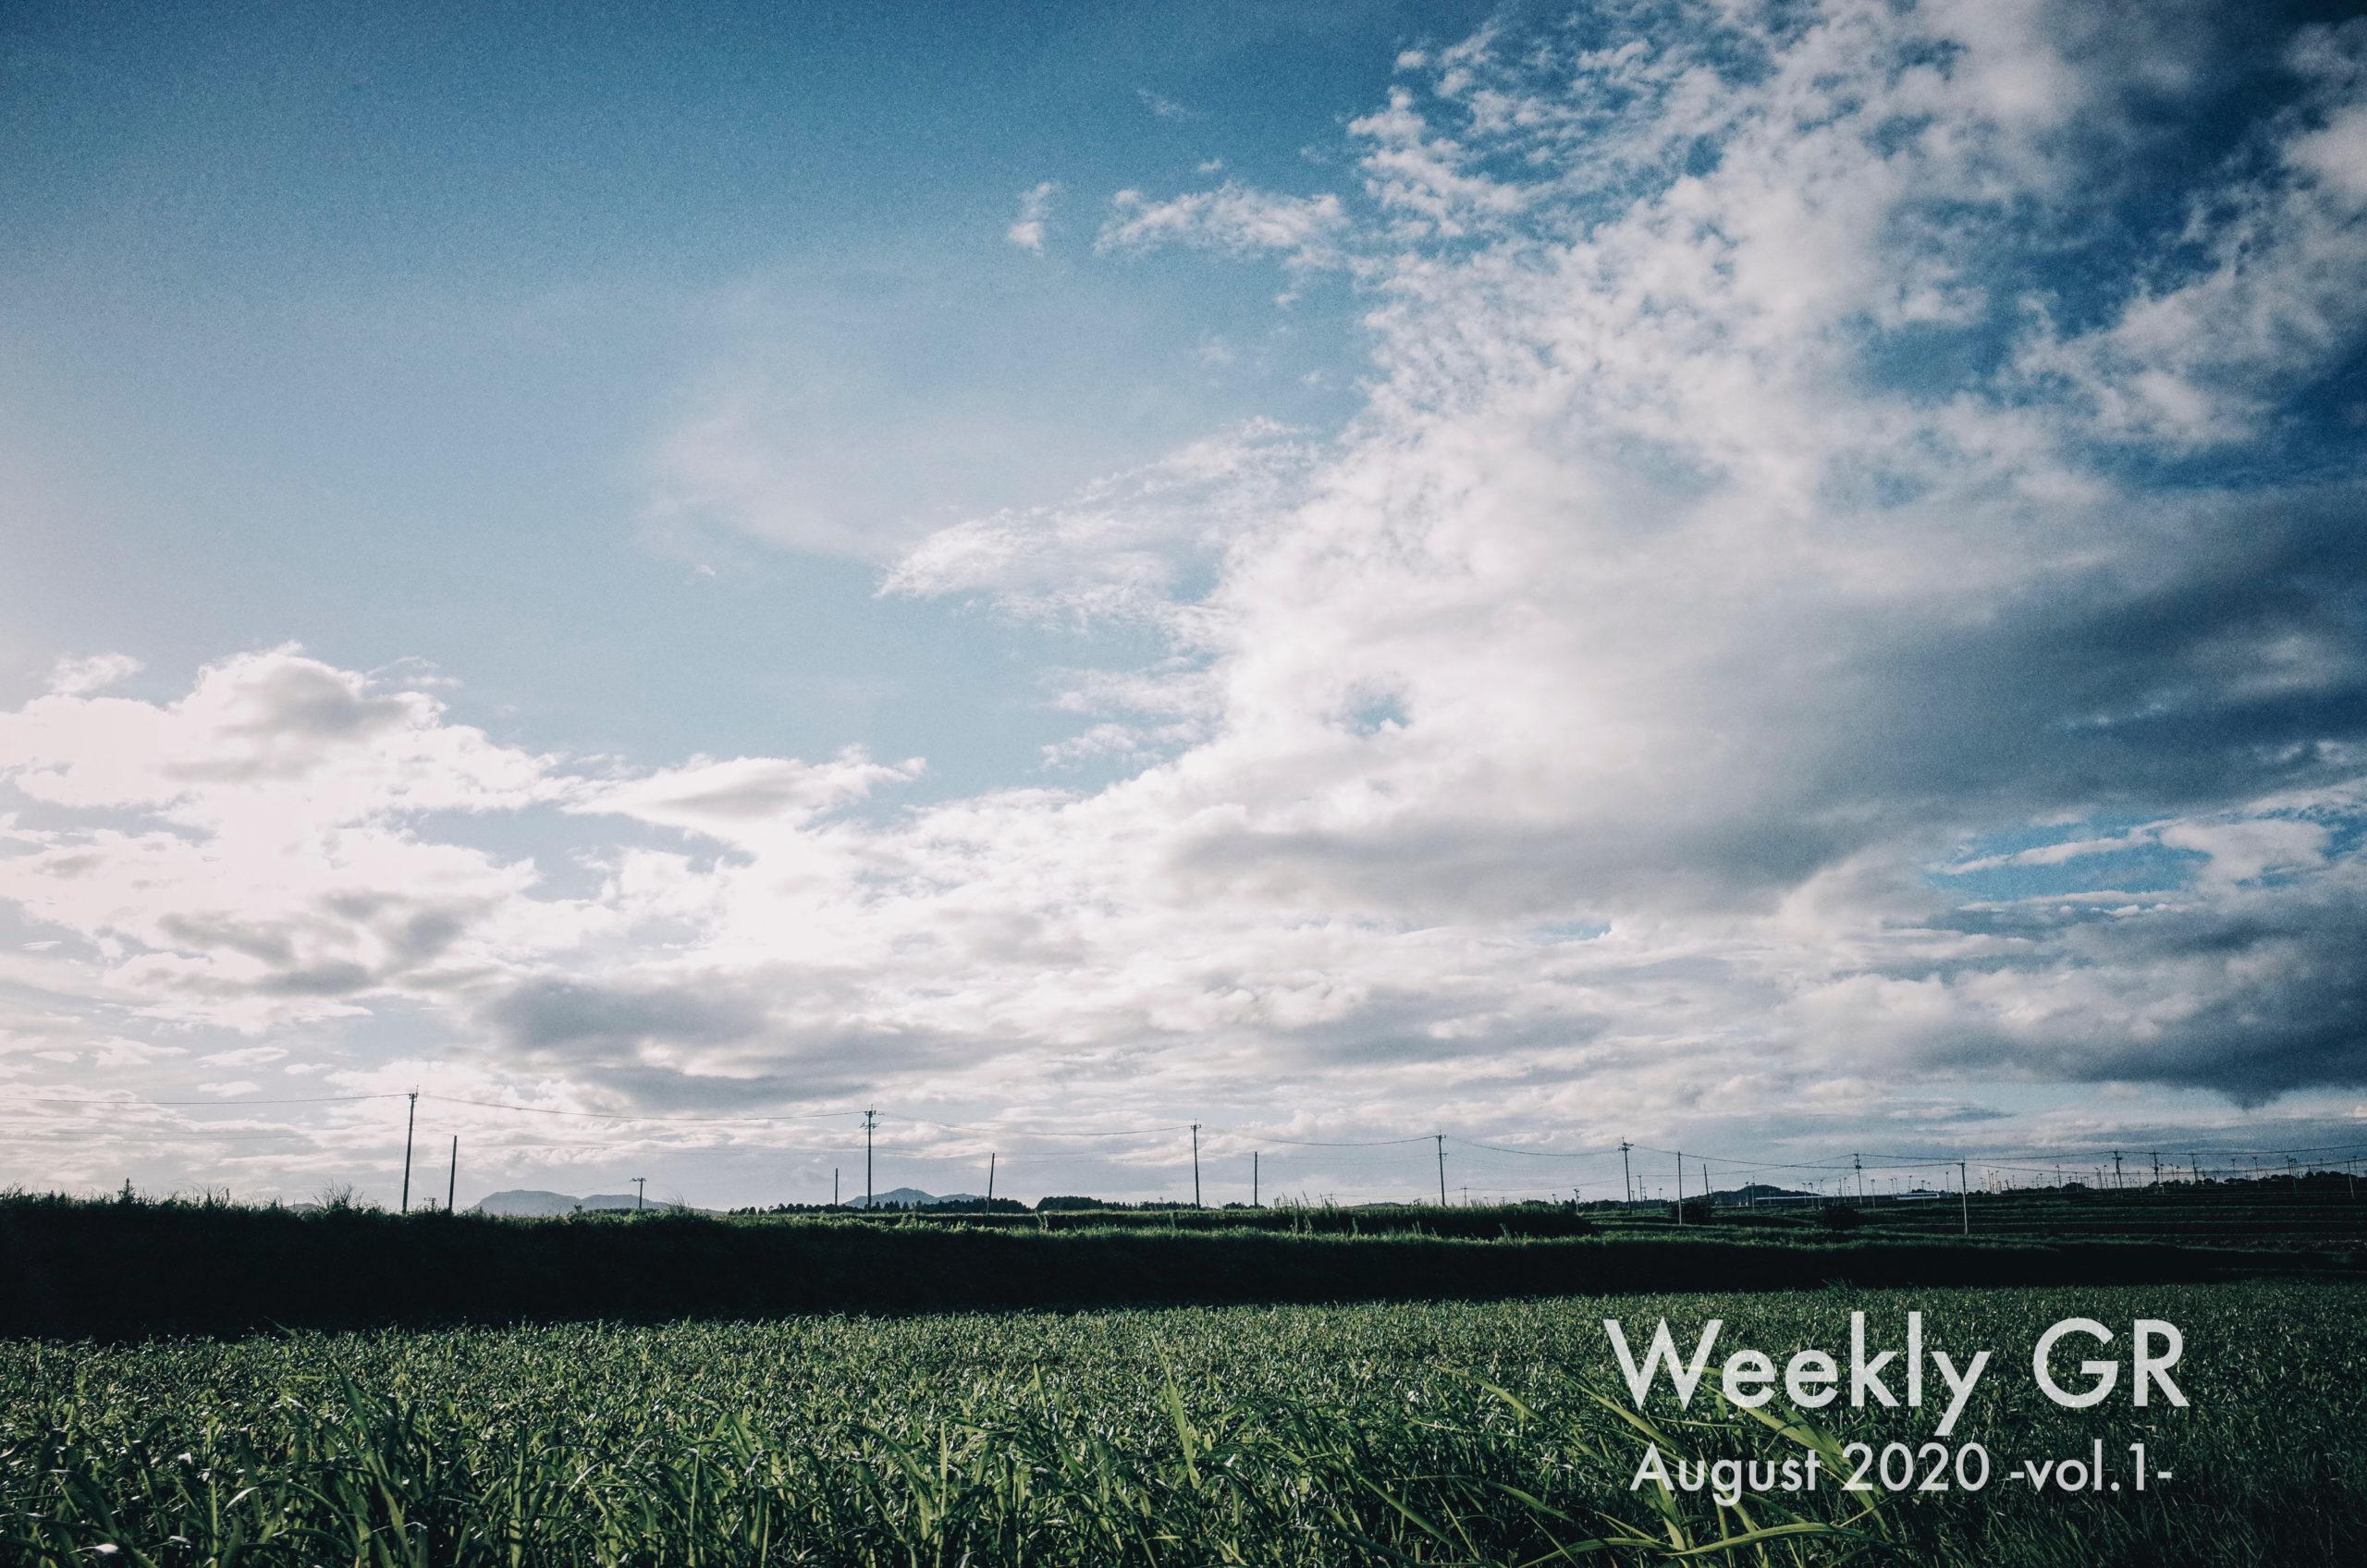 WEEKLY GR|August 2020-Vol.1-